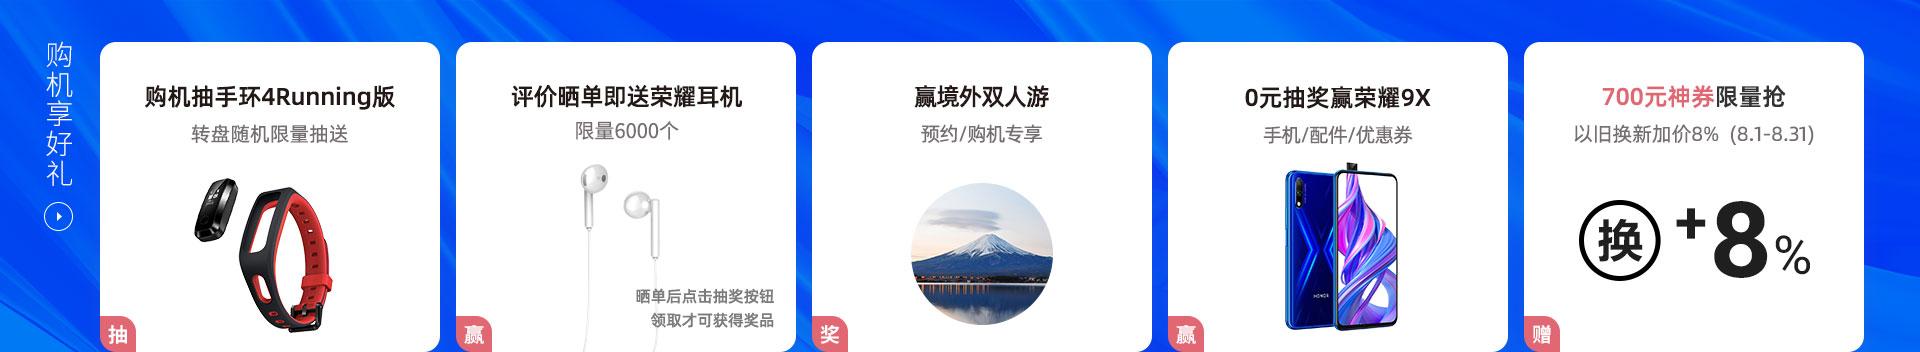 详情页_福利3_02.jpg